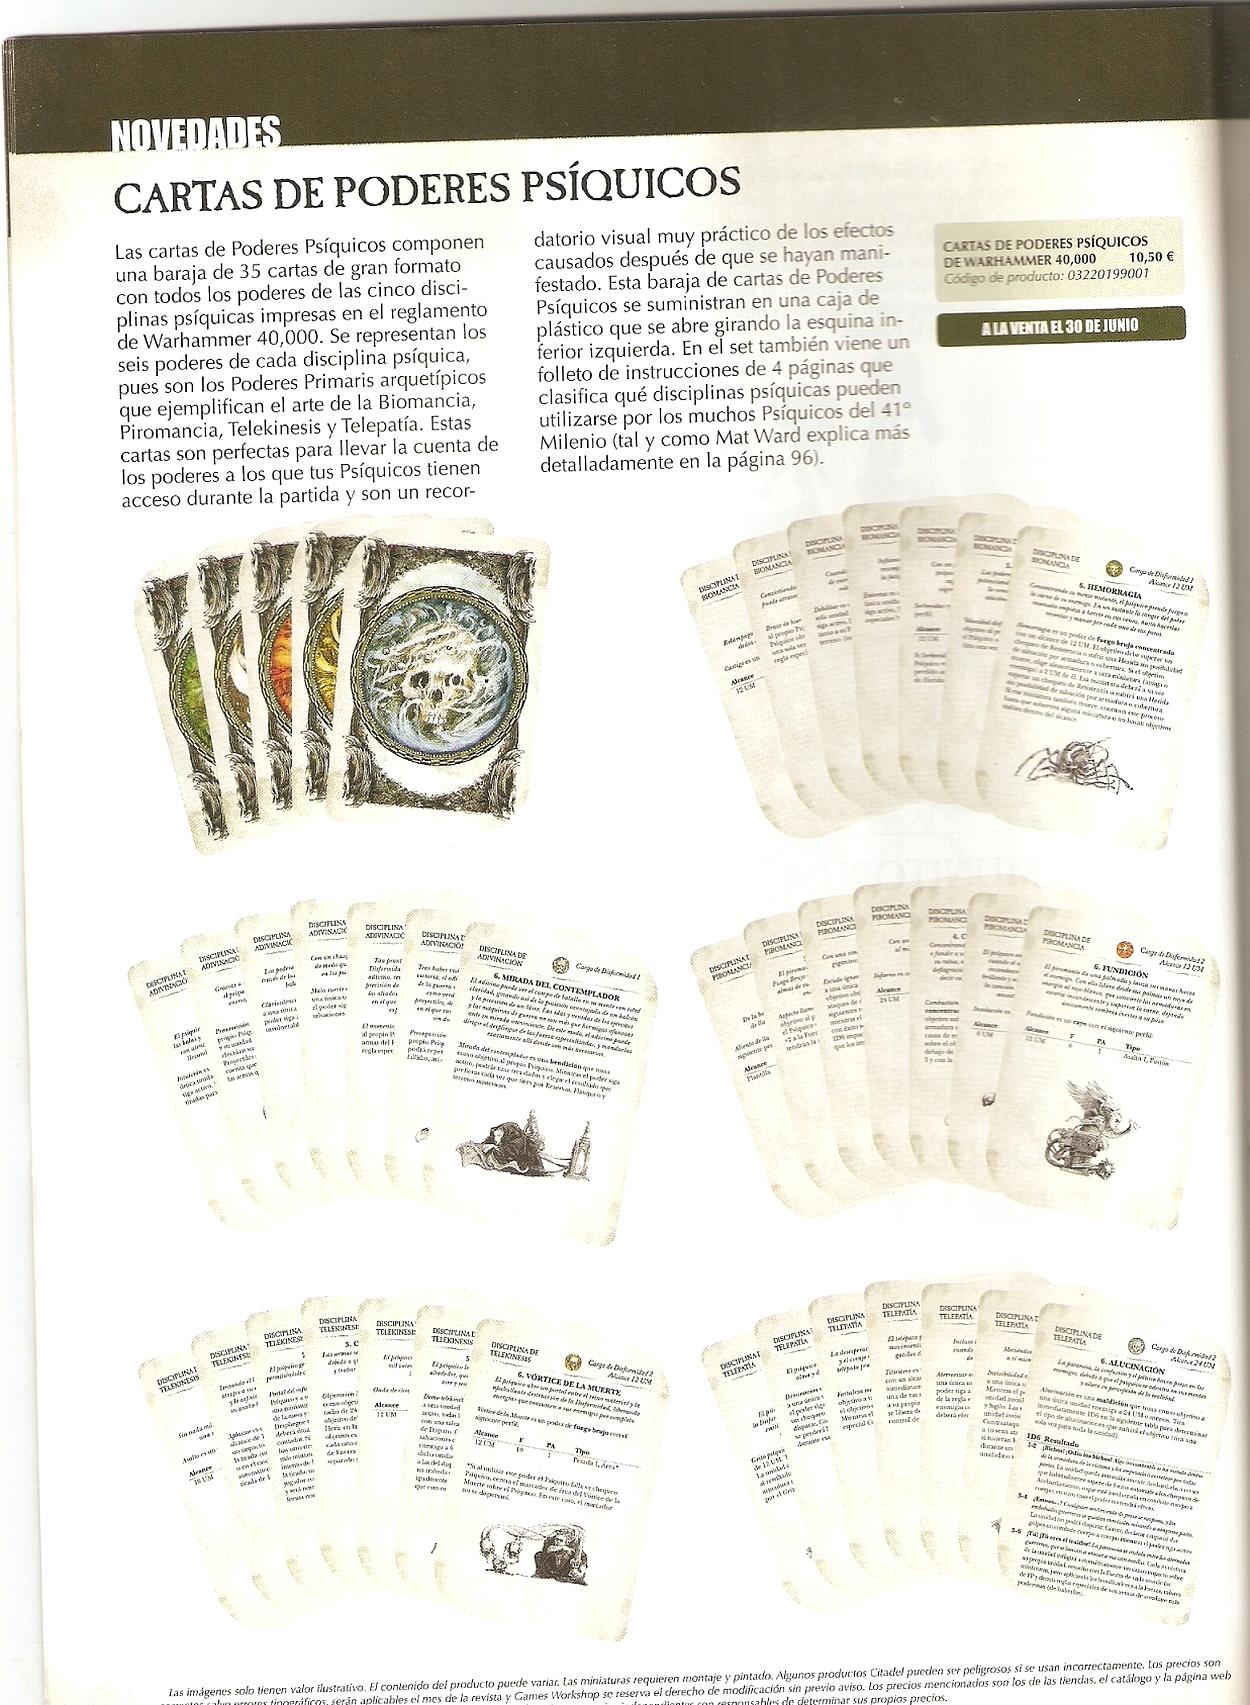 Warhammer 40K V6 - Lancement des hostilités : le 23-VI-12 ! - Page 5 423166W40KV6D